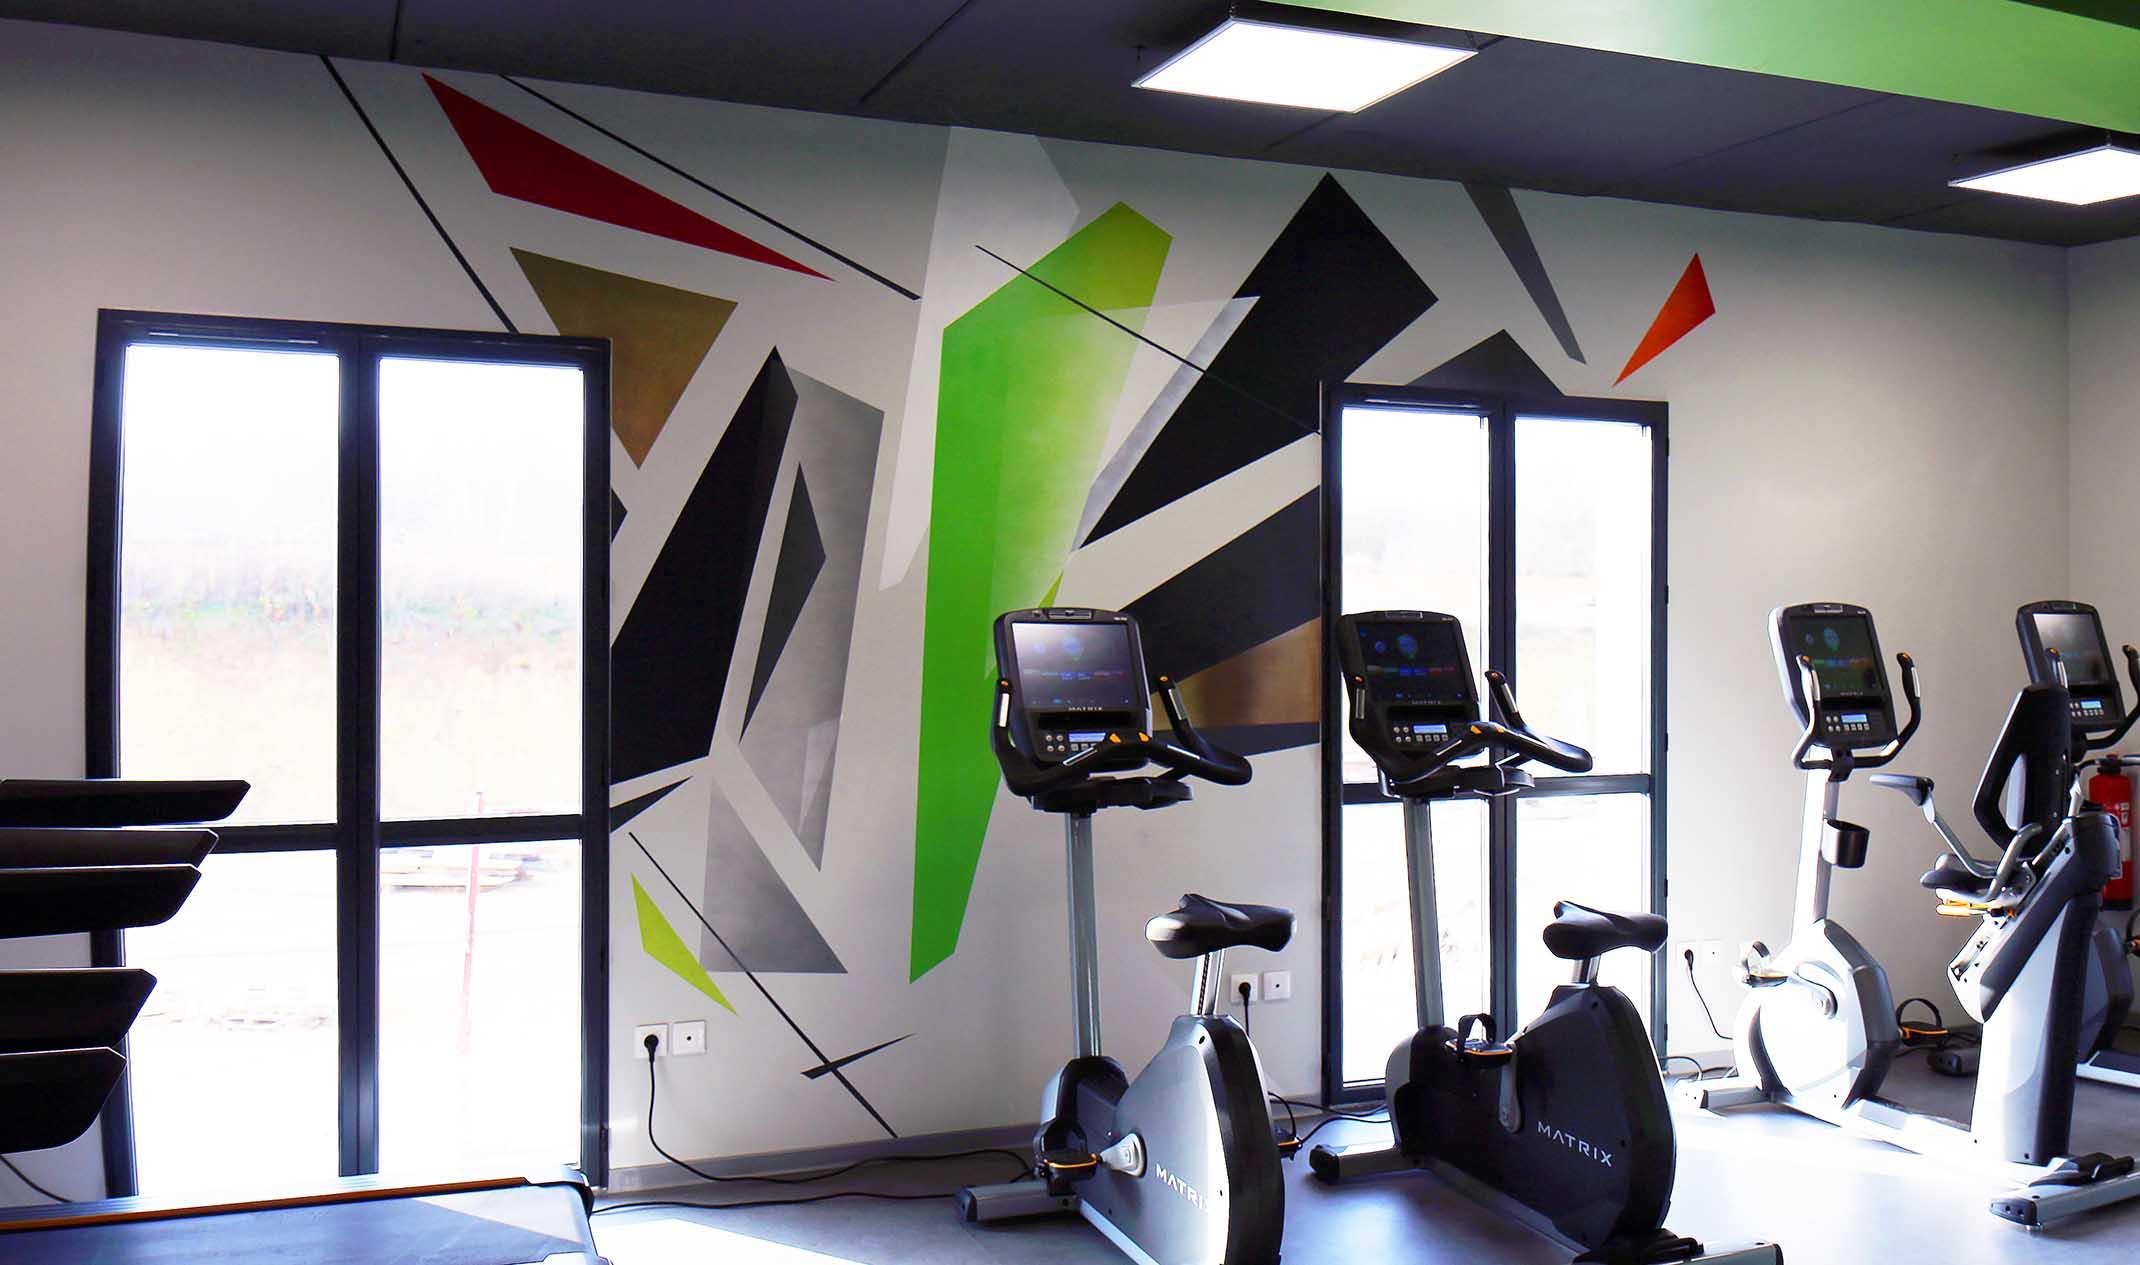 mur décoratif réalisé par frédéric michel-langlet dans la salle de sport fit & spa à la chapelle en serval